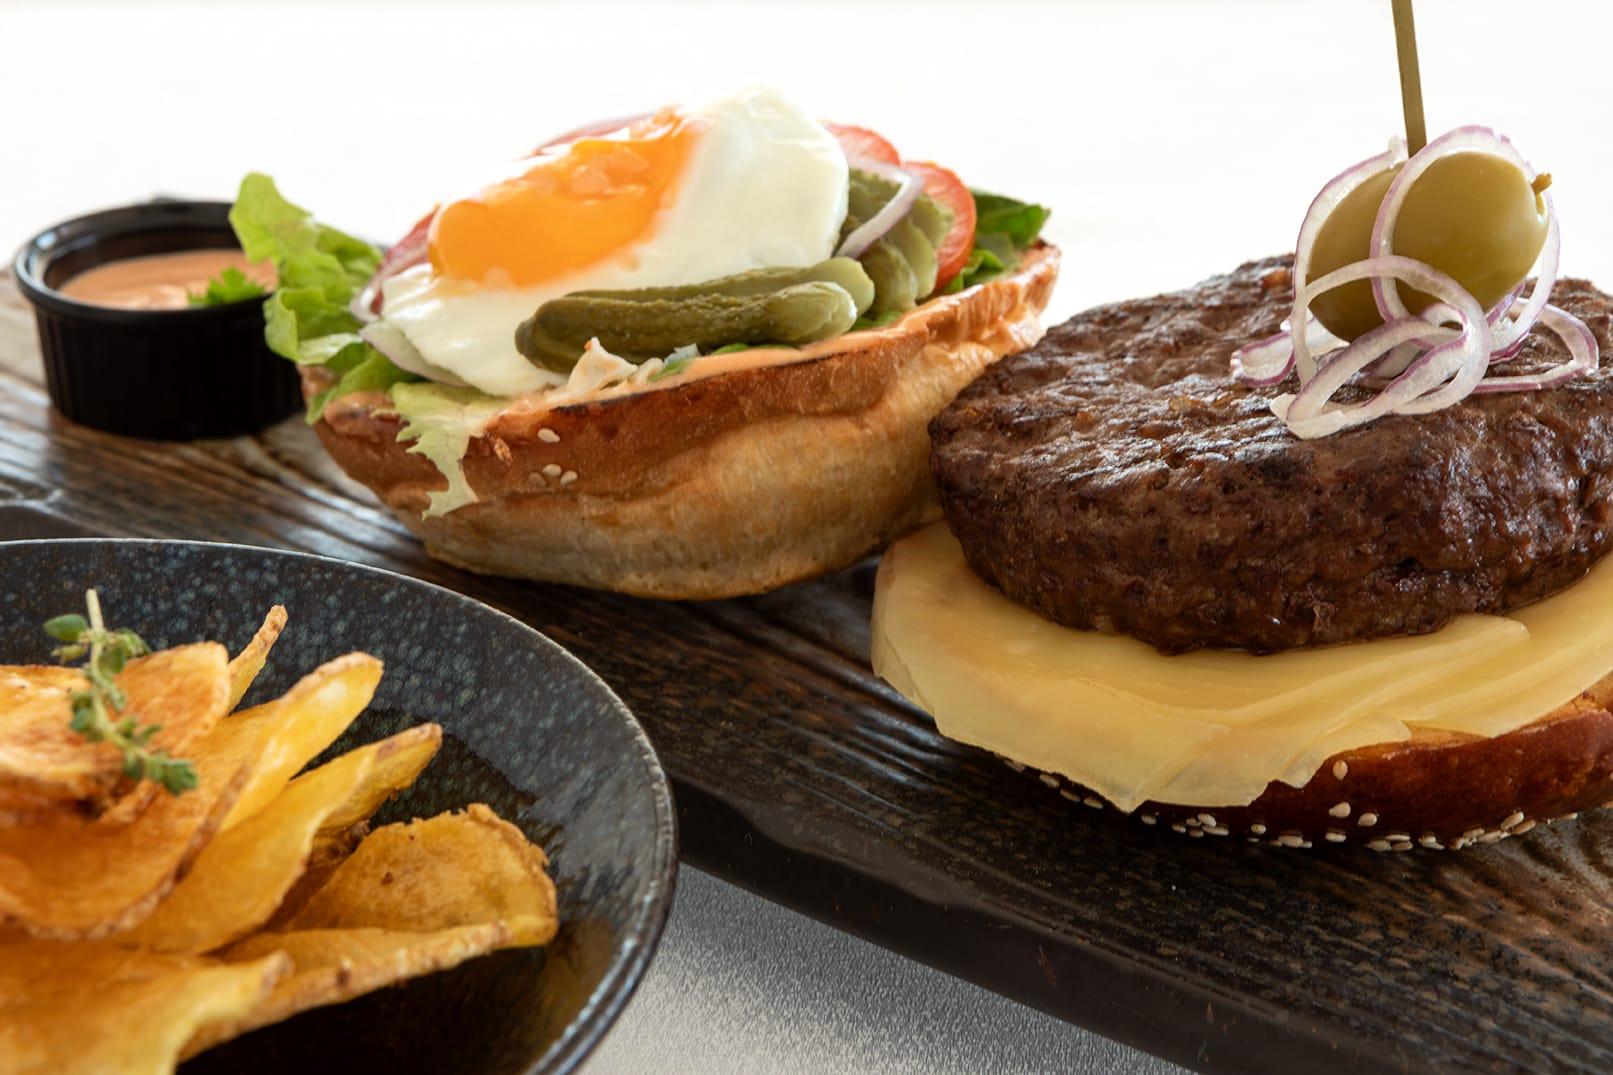 Food 010_WebRes